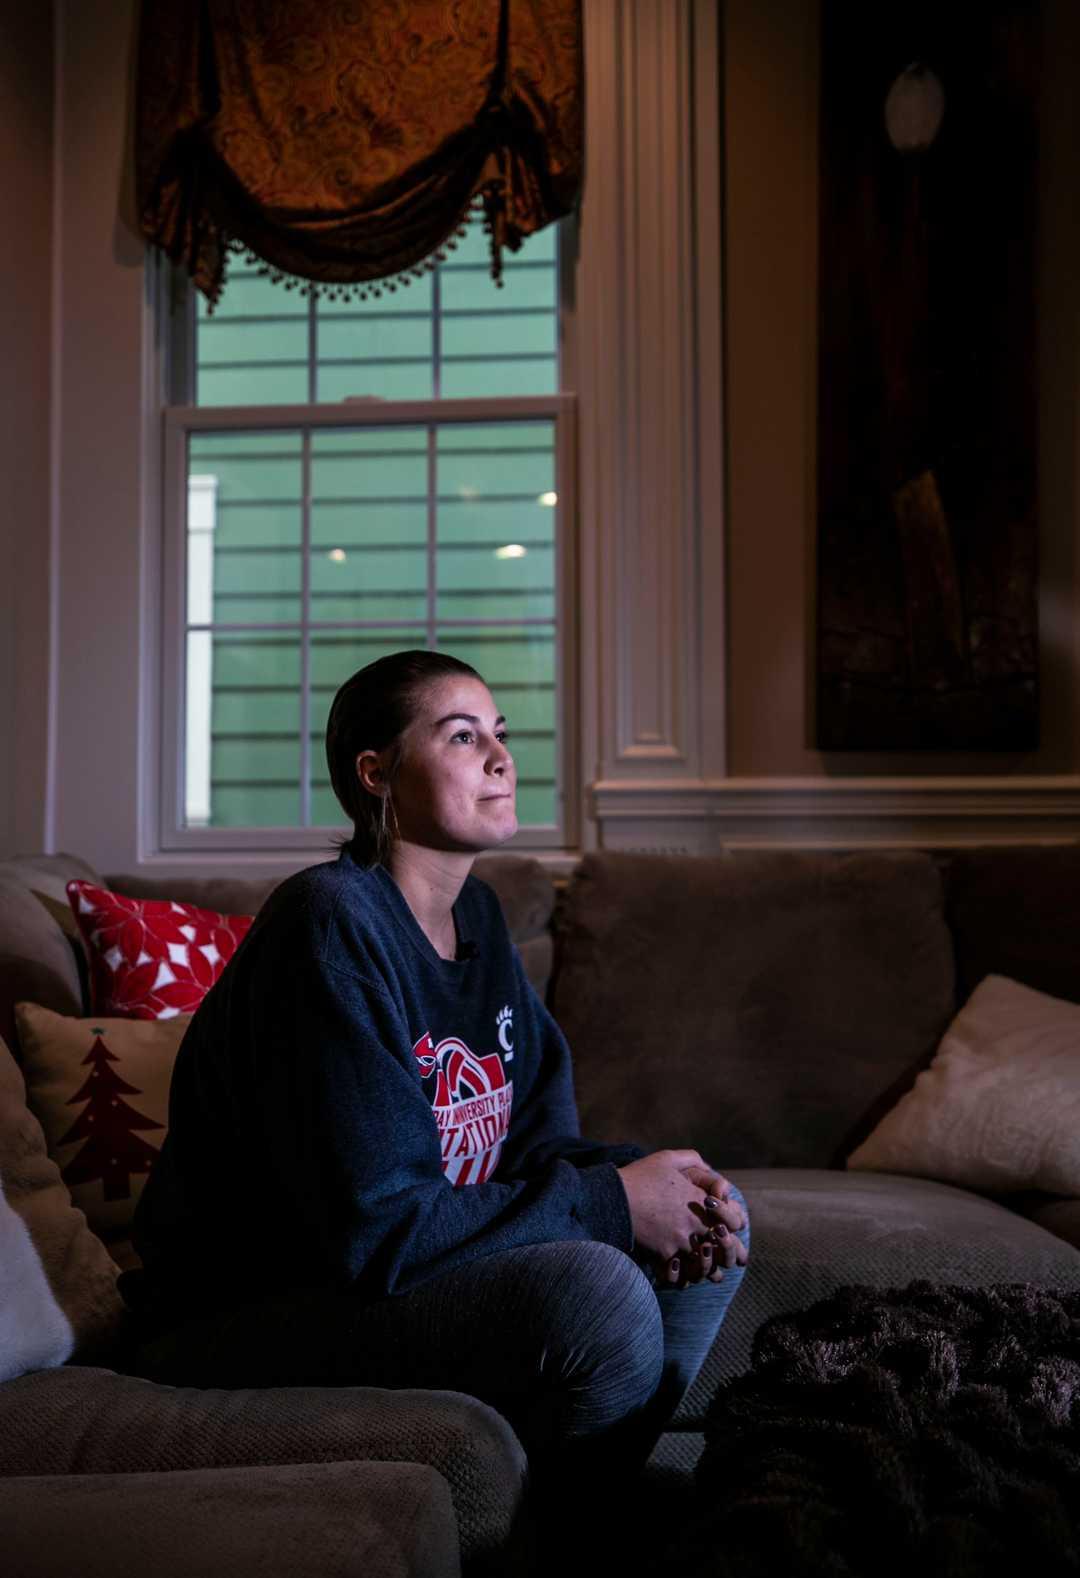 Voleibalista Alyssa Cavanaugh sufera de cancer